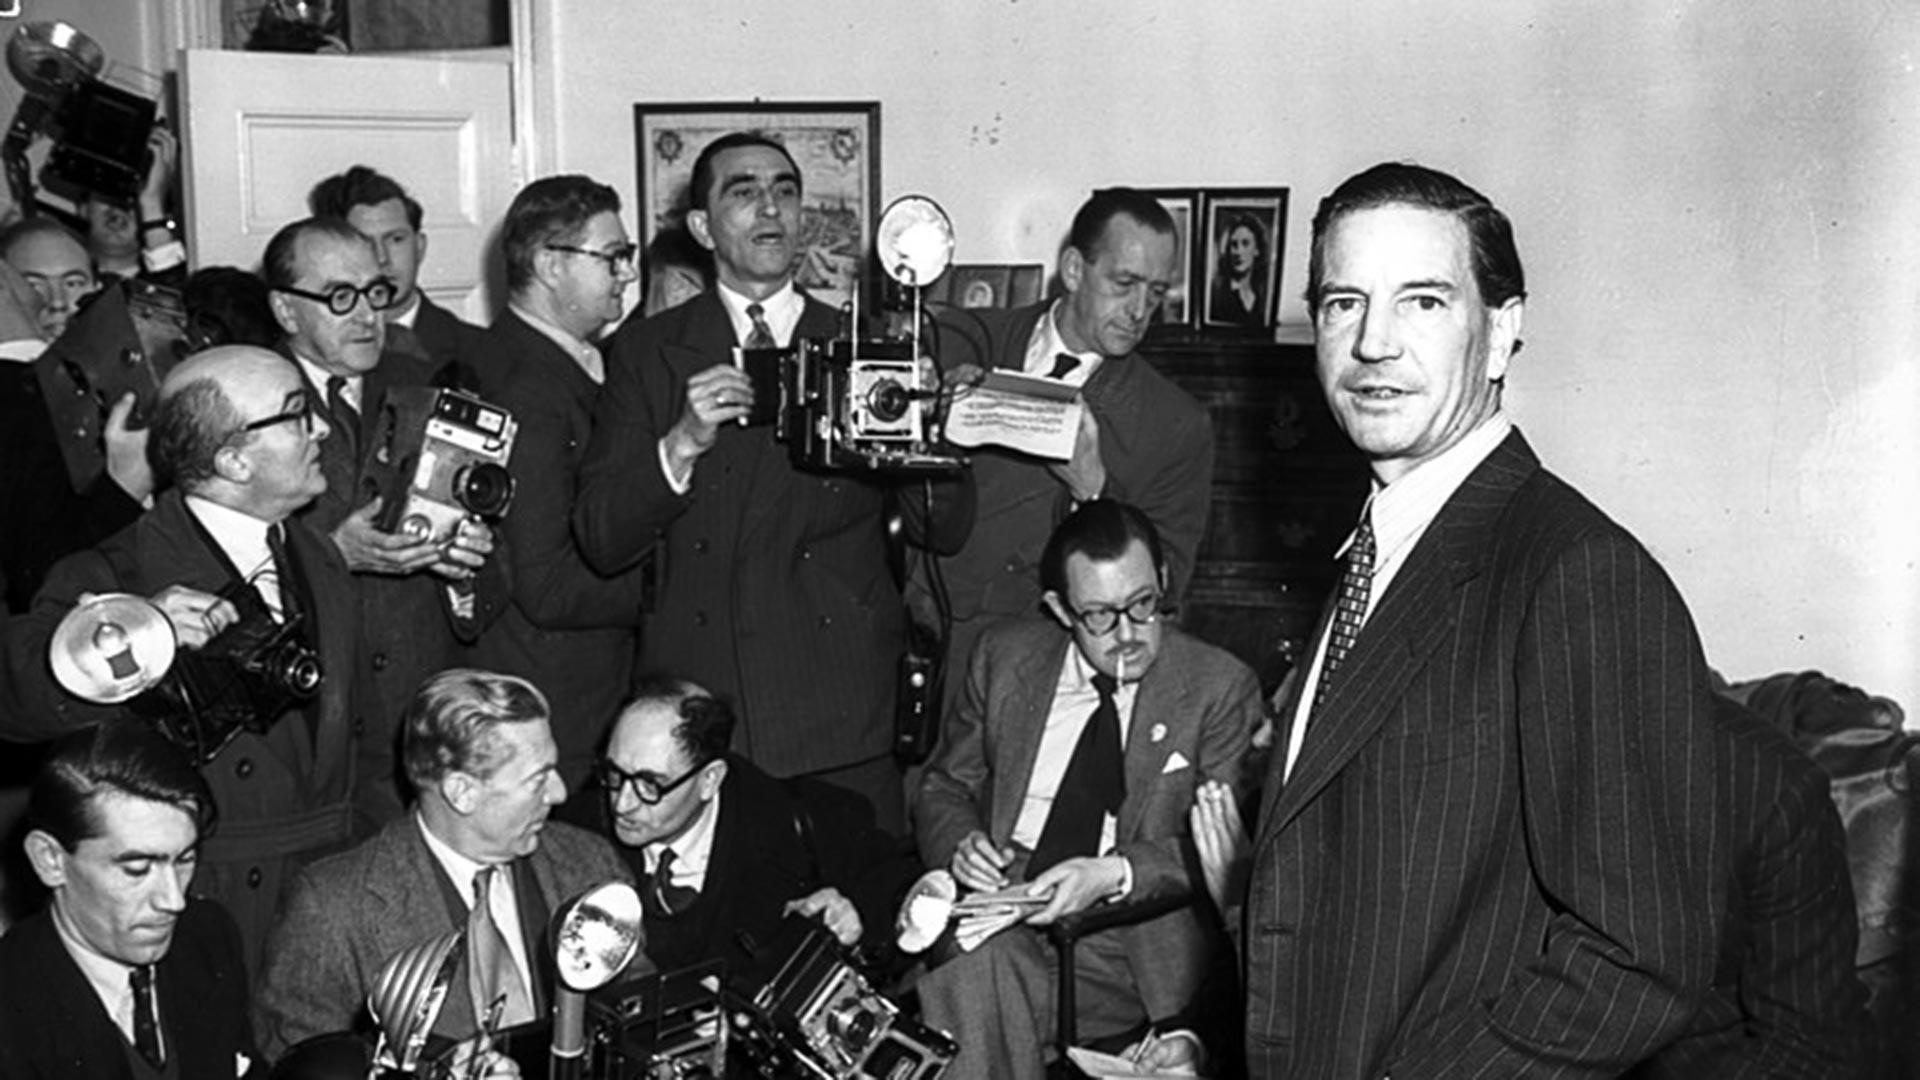 Kim Philby je bil najslavnejši član »cambriške peterice«, kroga sovjetskih vohunov v Združenem kraljestvu.